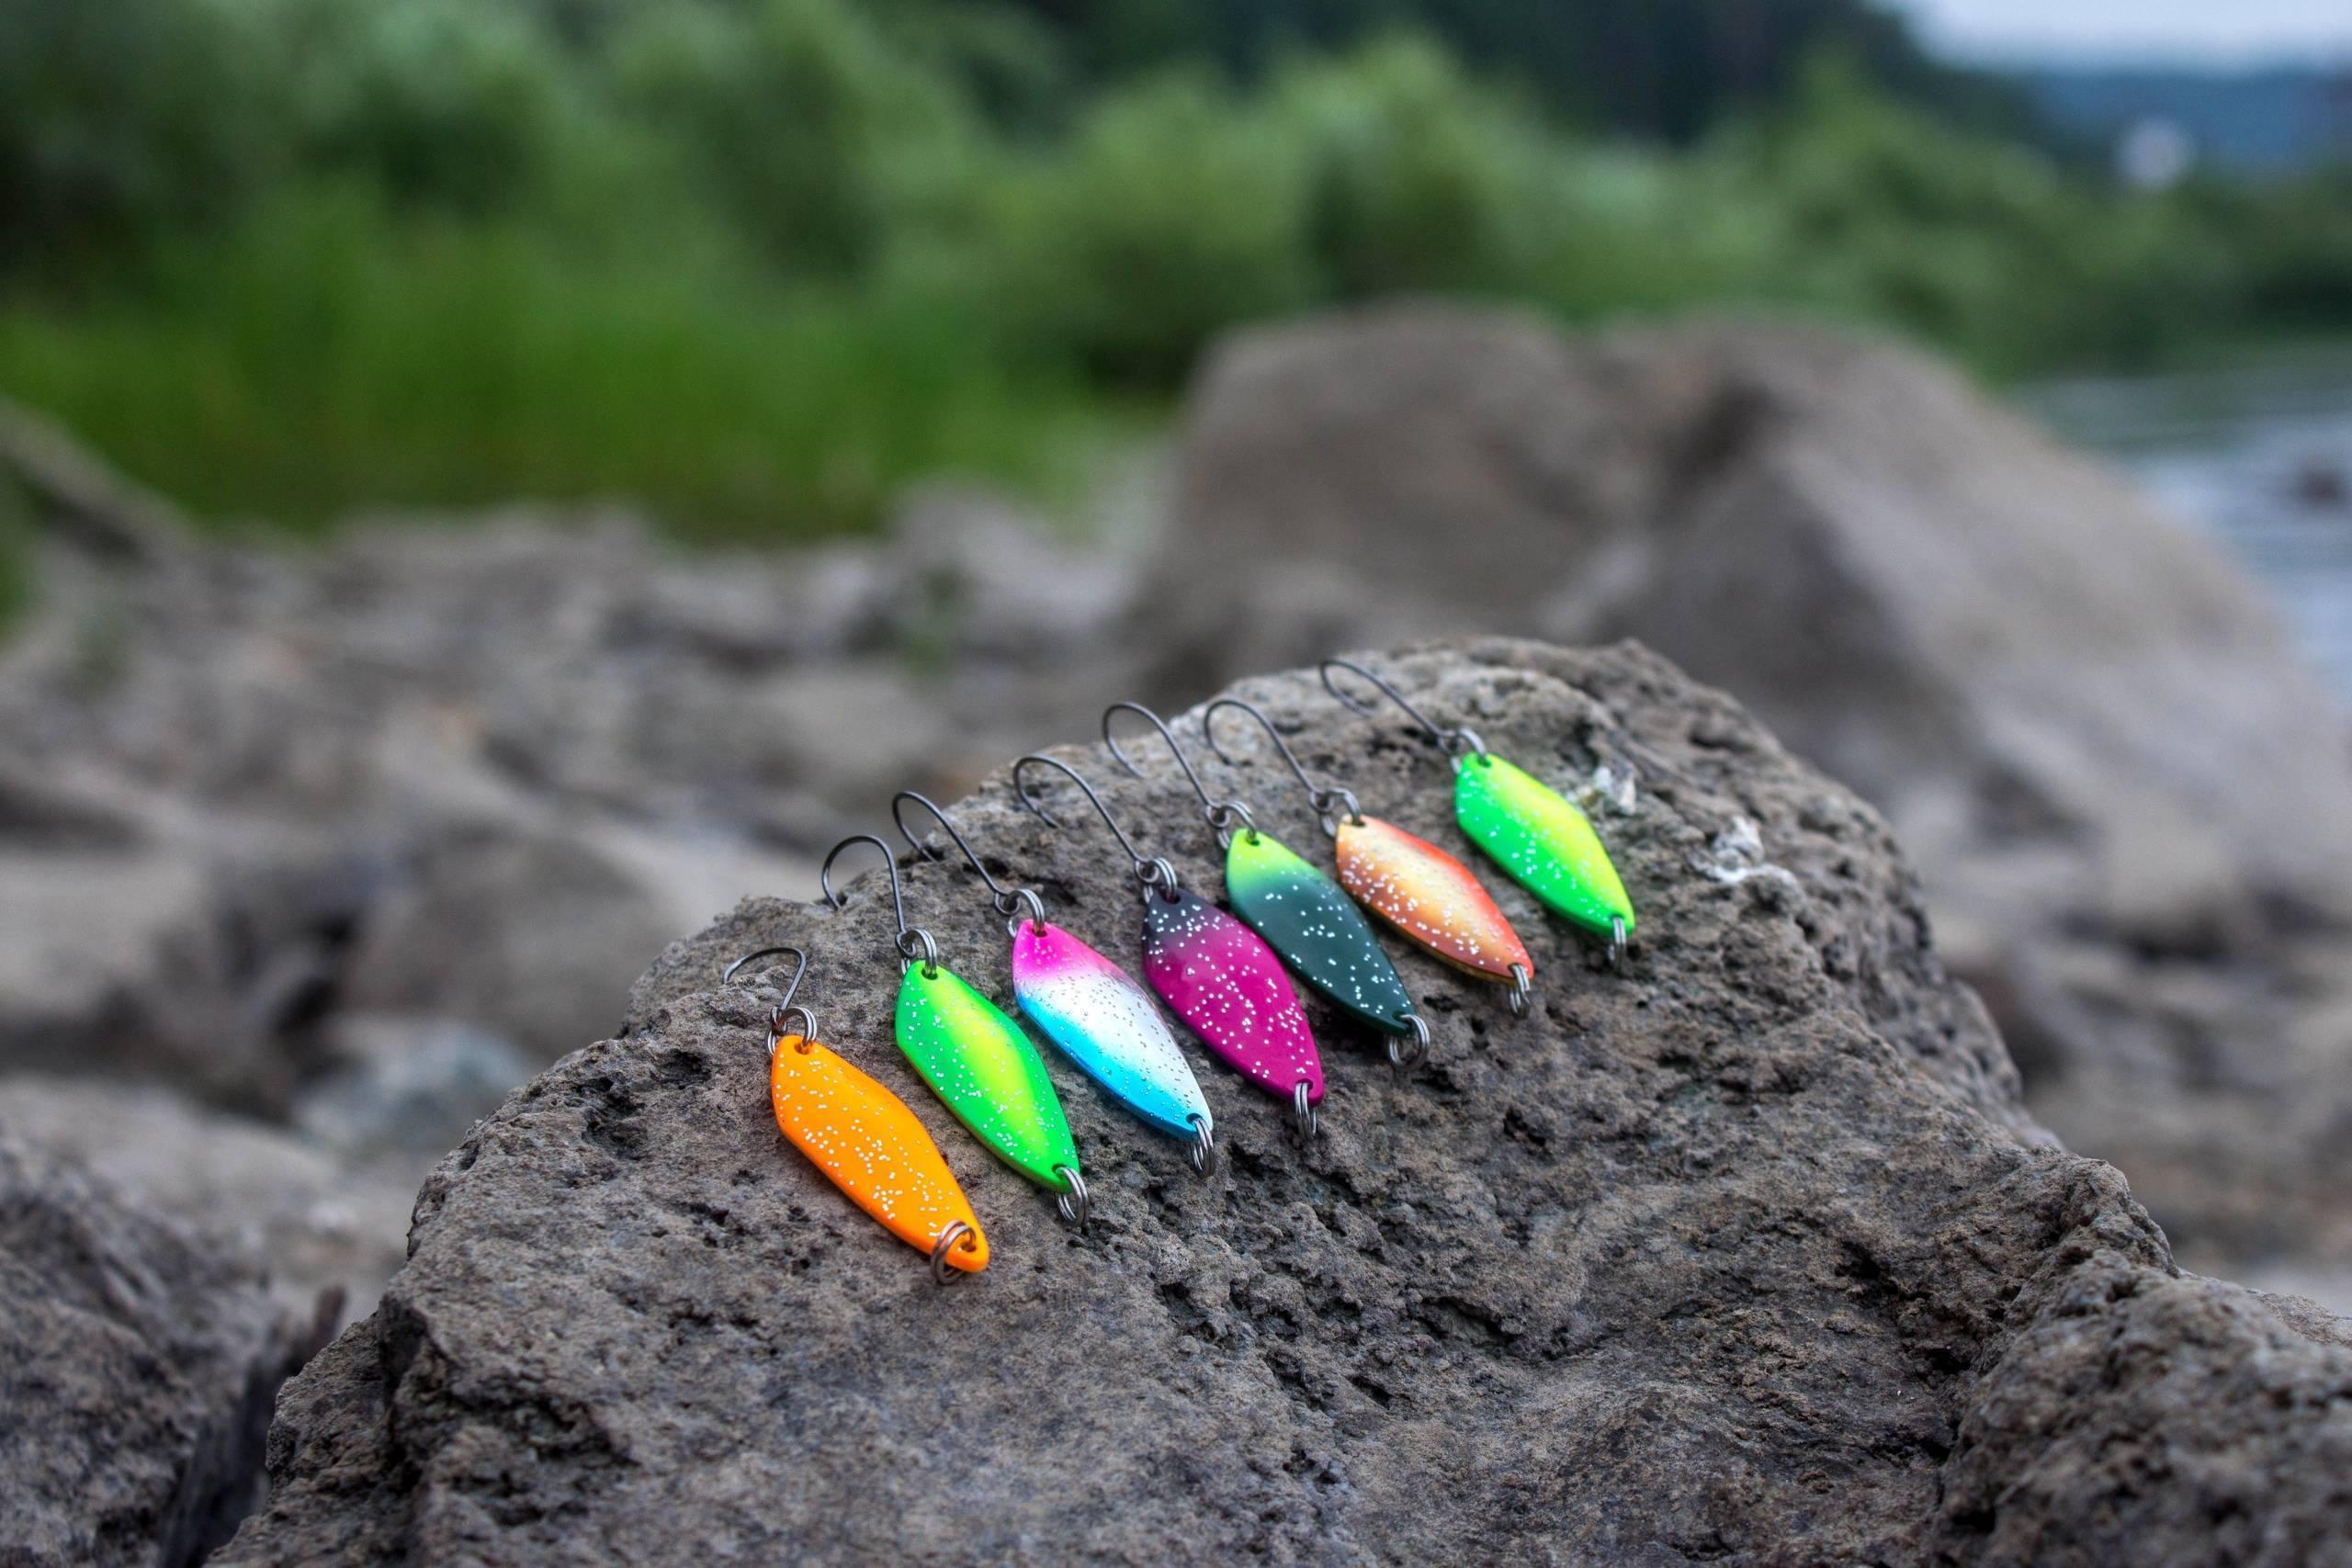 Топ 10 приманок для ловли прудовой форели в 2019 году